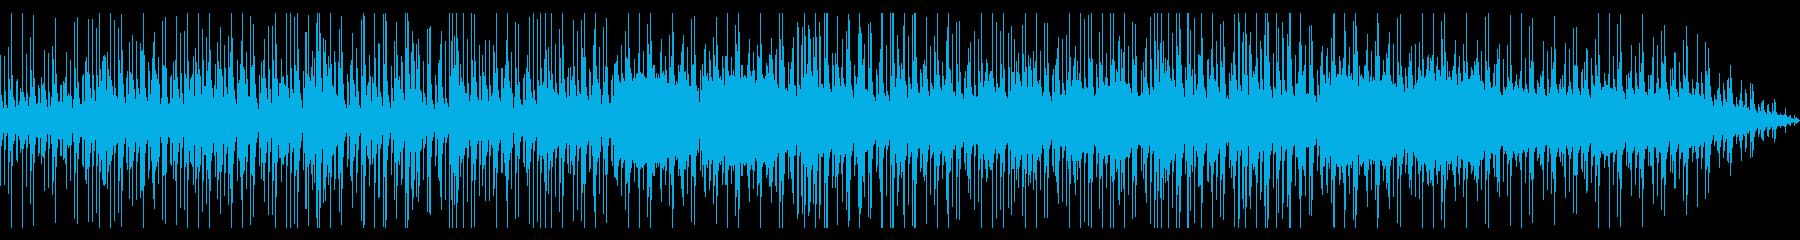 トルコ音楽風インストの再生済みの波形